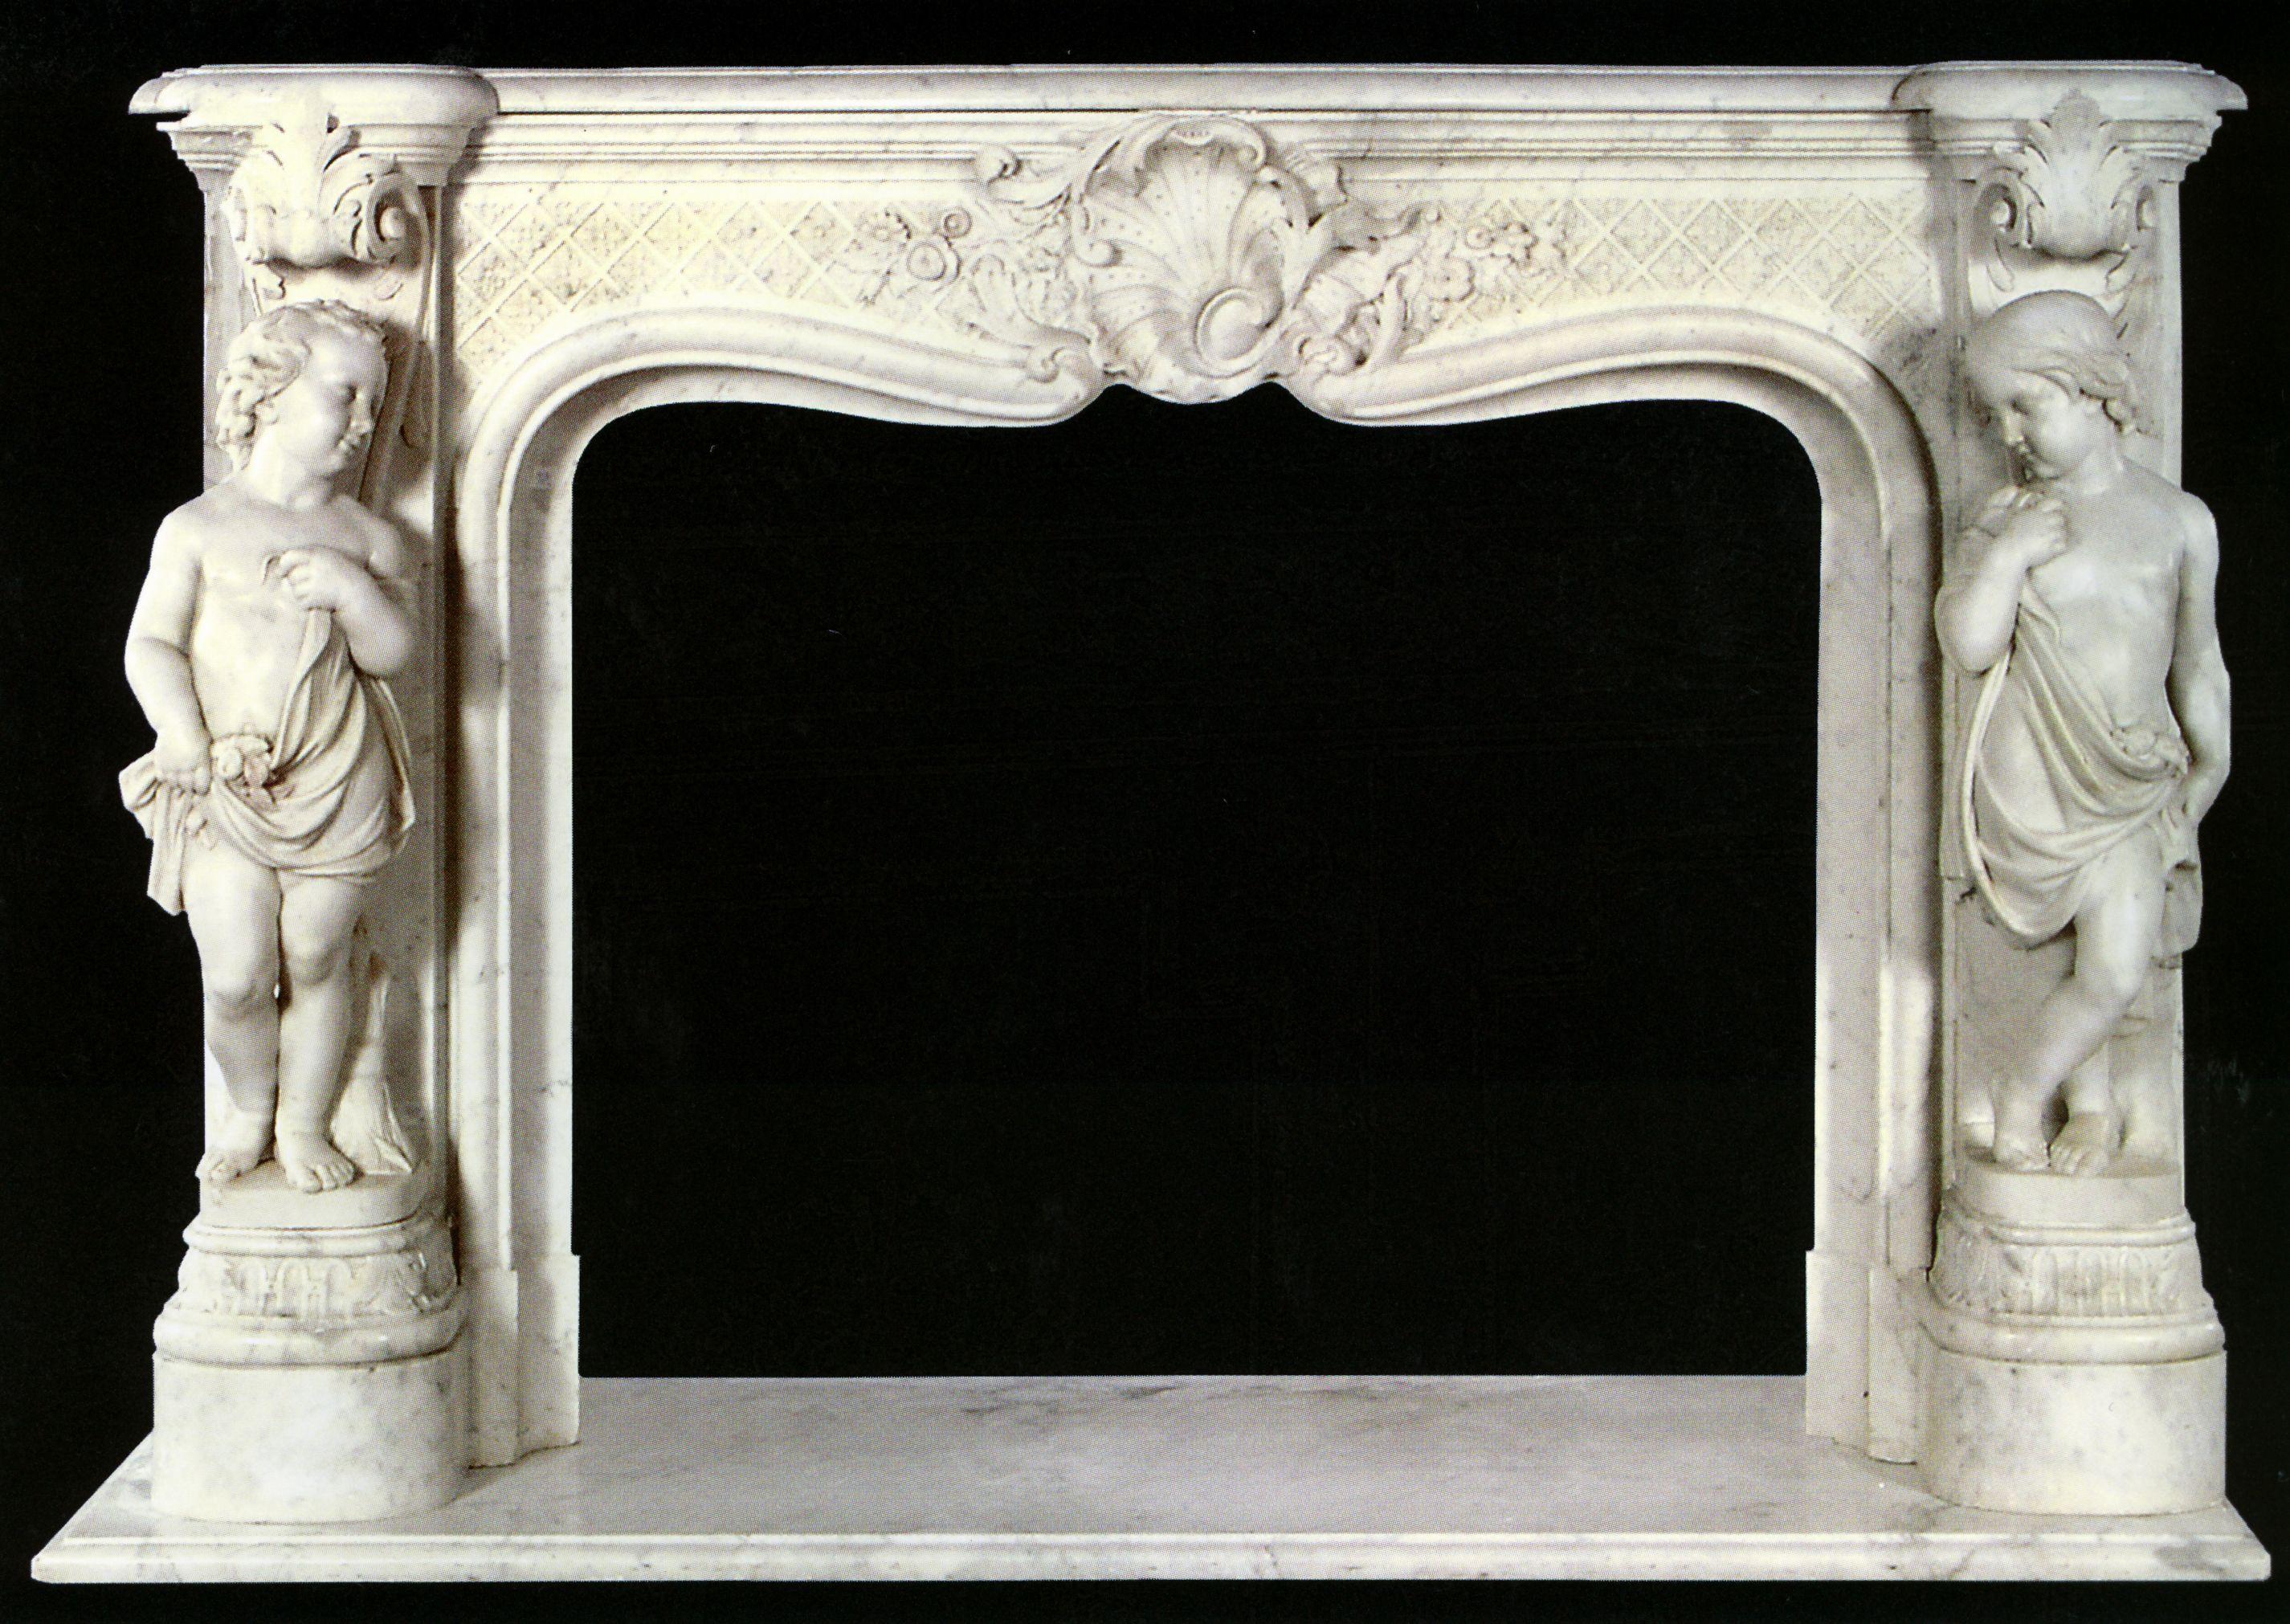 Sculptural Carrara Marble Fireplace Fireplace Marble Fireplaces Granite Fireplace